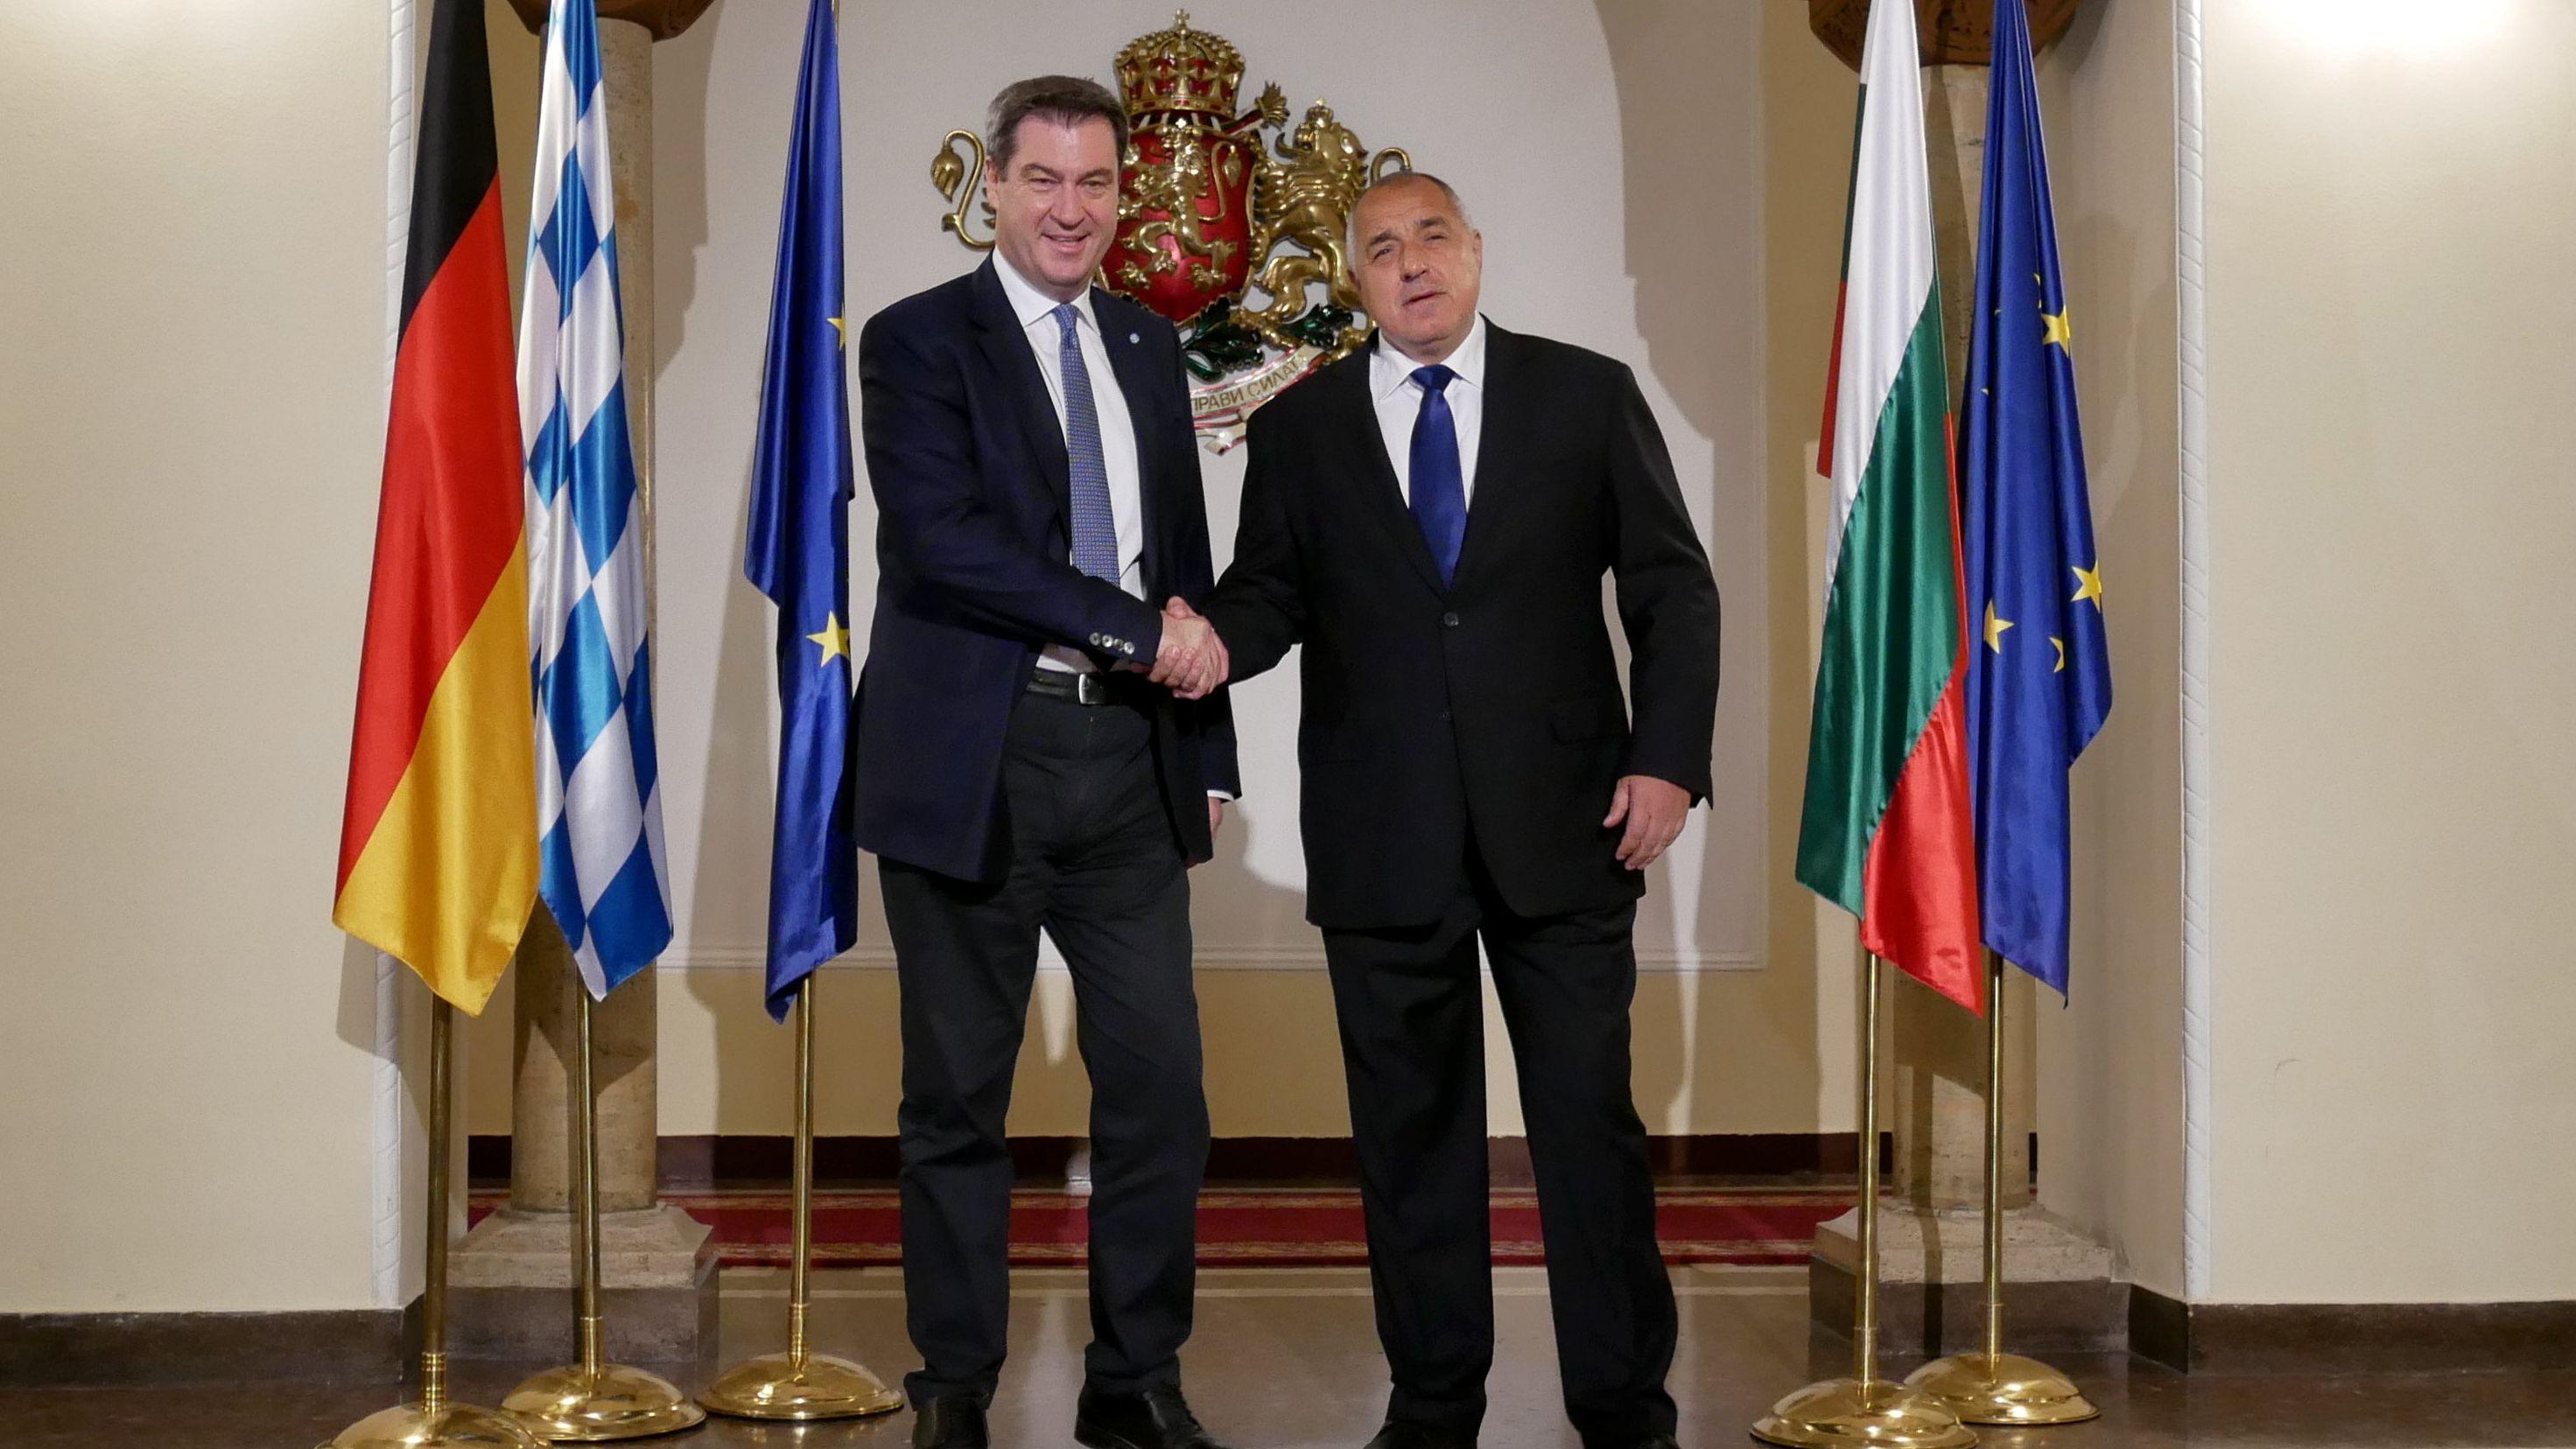 Der CSU-Vorsitzende und bayerische Ministerpräsident Markus Söder trifft den  bulgarischen Regierungschef Boiko Borissow